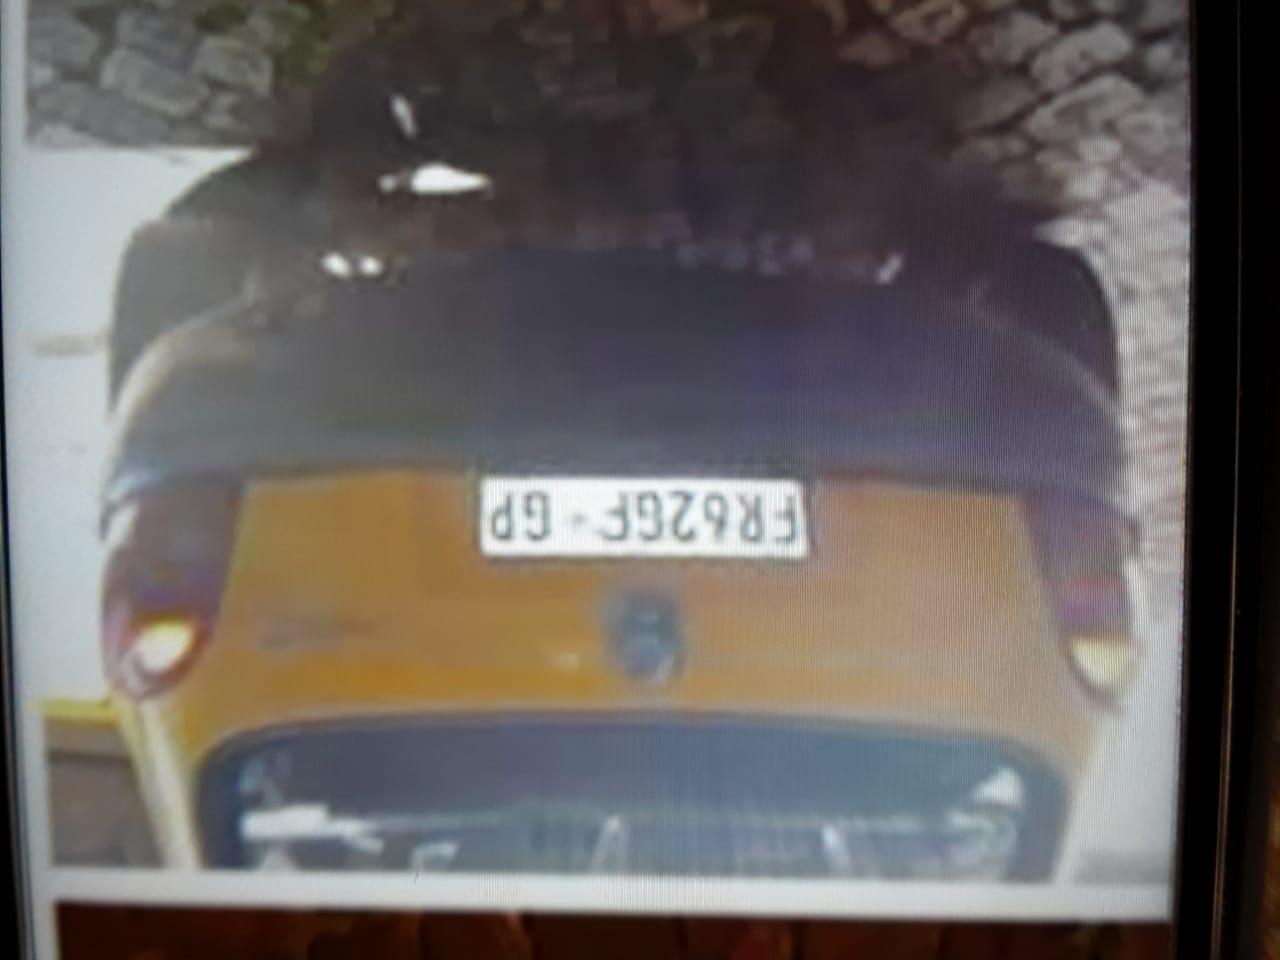 1996 Opel Corsa 1.4 Enjoy